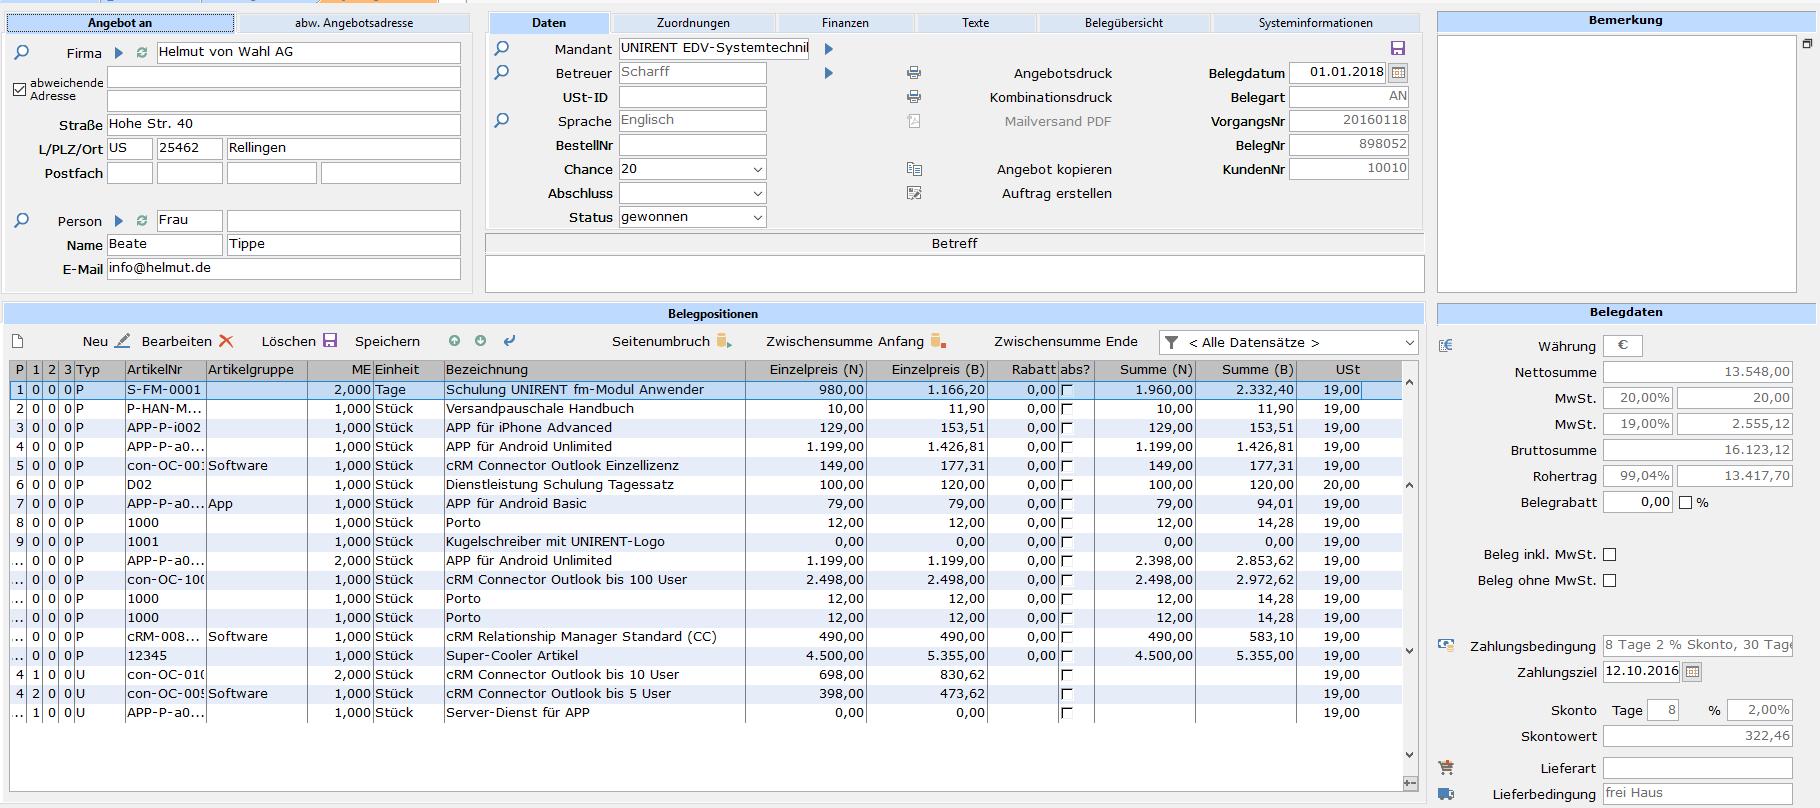 Bei der Erfassung von z.B. Angeboten werden alle relevanten Daten des Kunden automatisch gefüllt, auch abweichende Adressen.